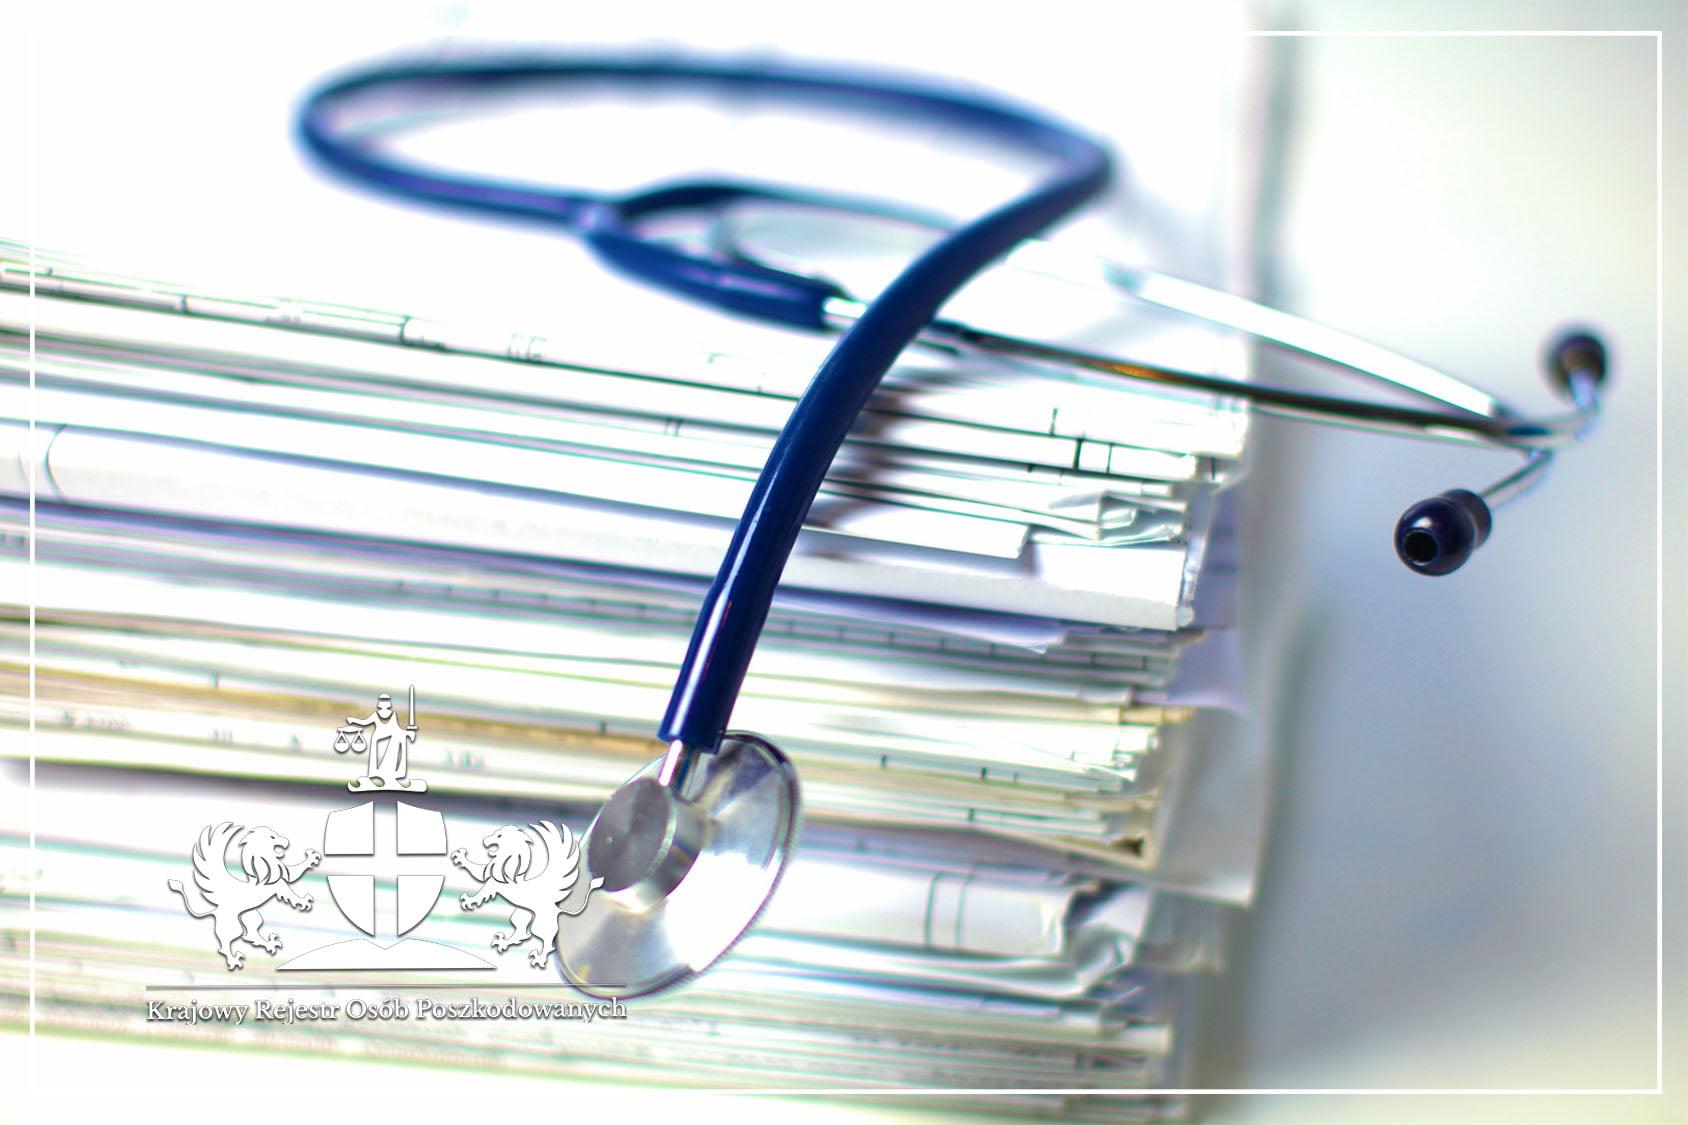 Wniosek o wydanie dokumentacji medycznej zmarłego